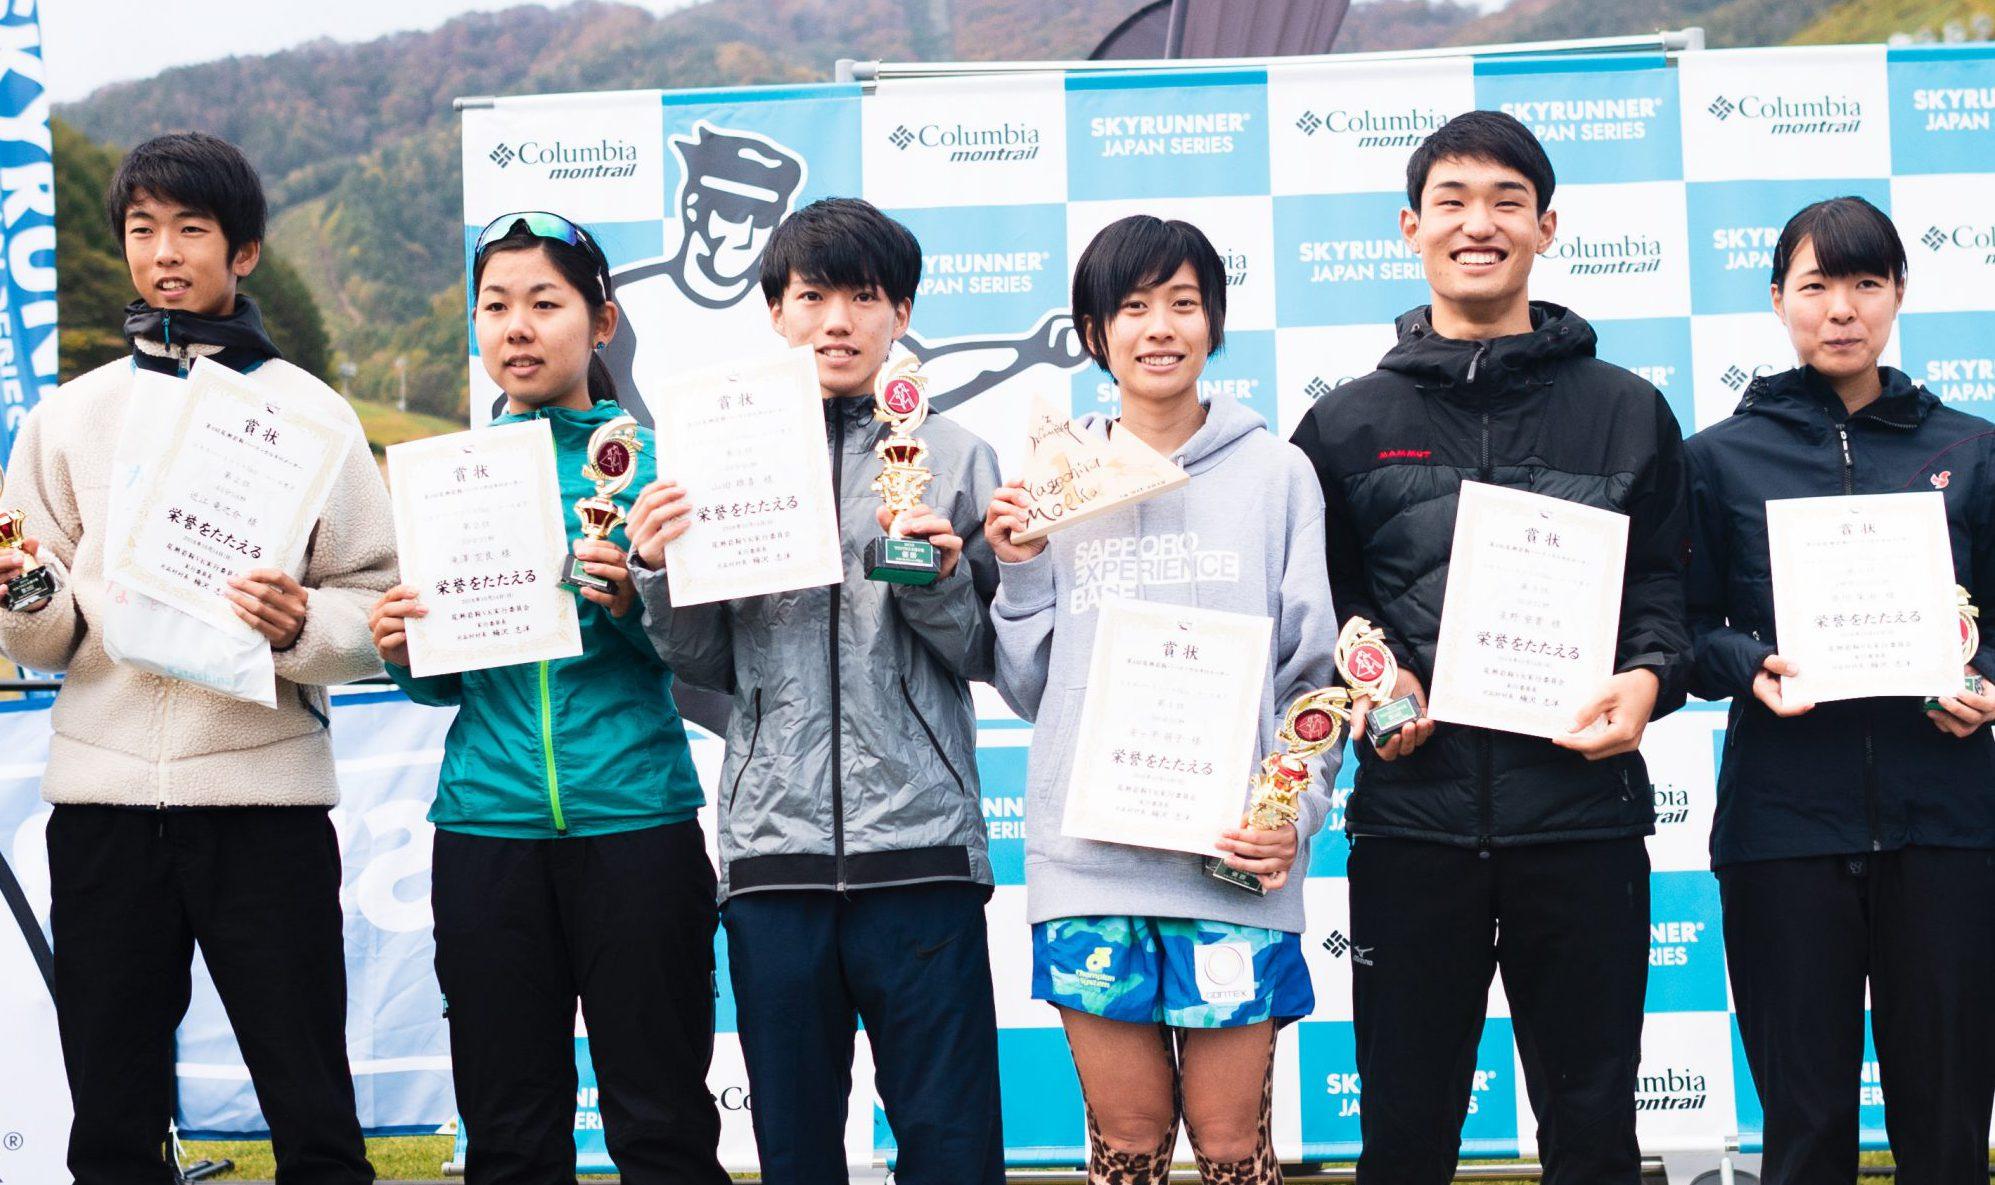 左から、3位の近江・滝澤、優勝の山田・安ケ平、3位の星野・笹川 ©OZE VK